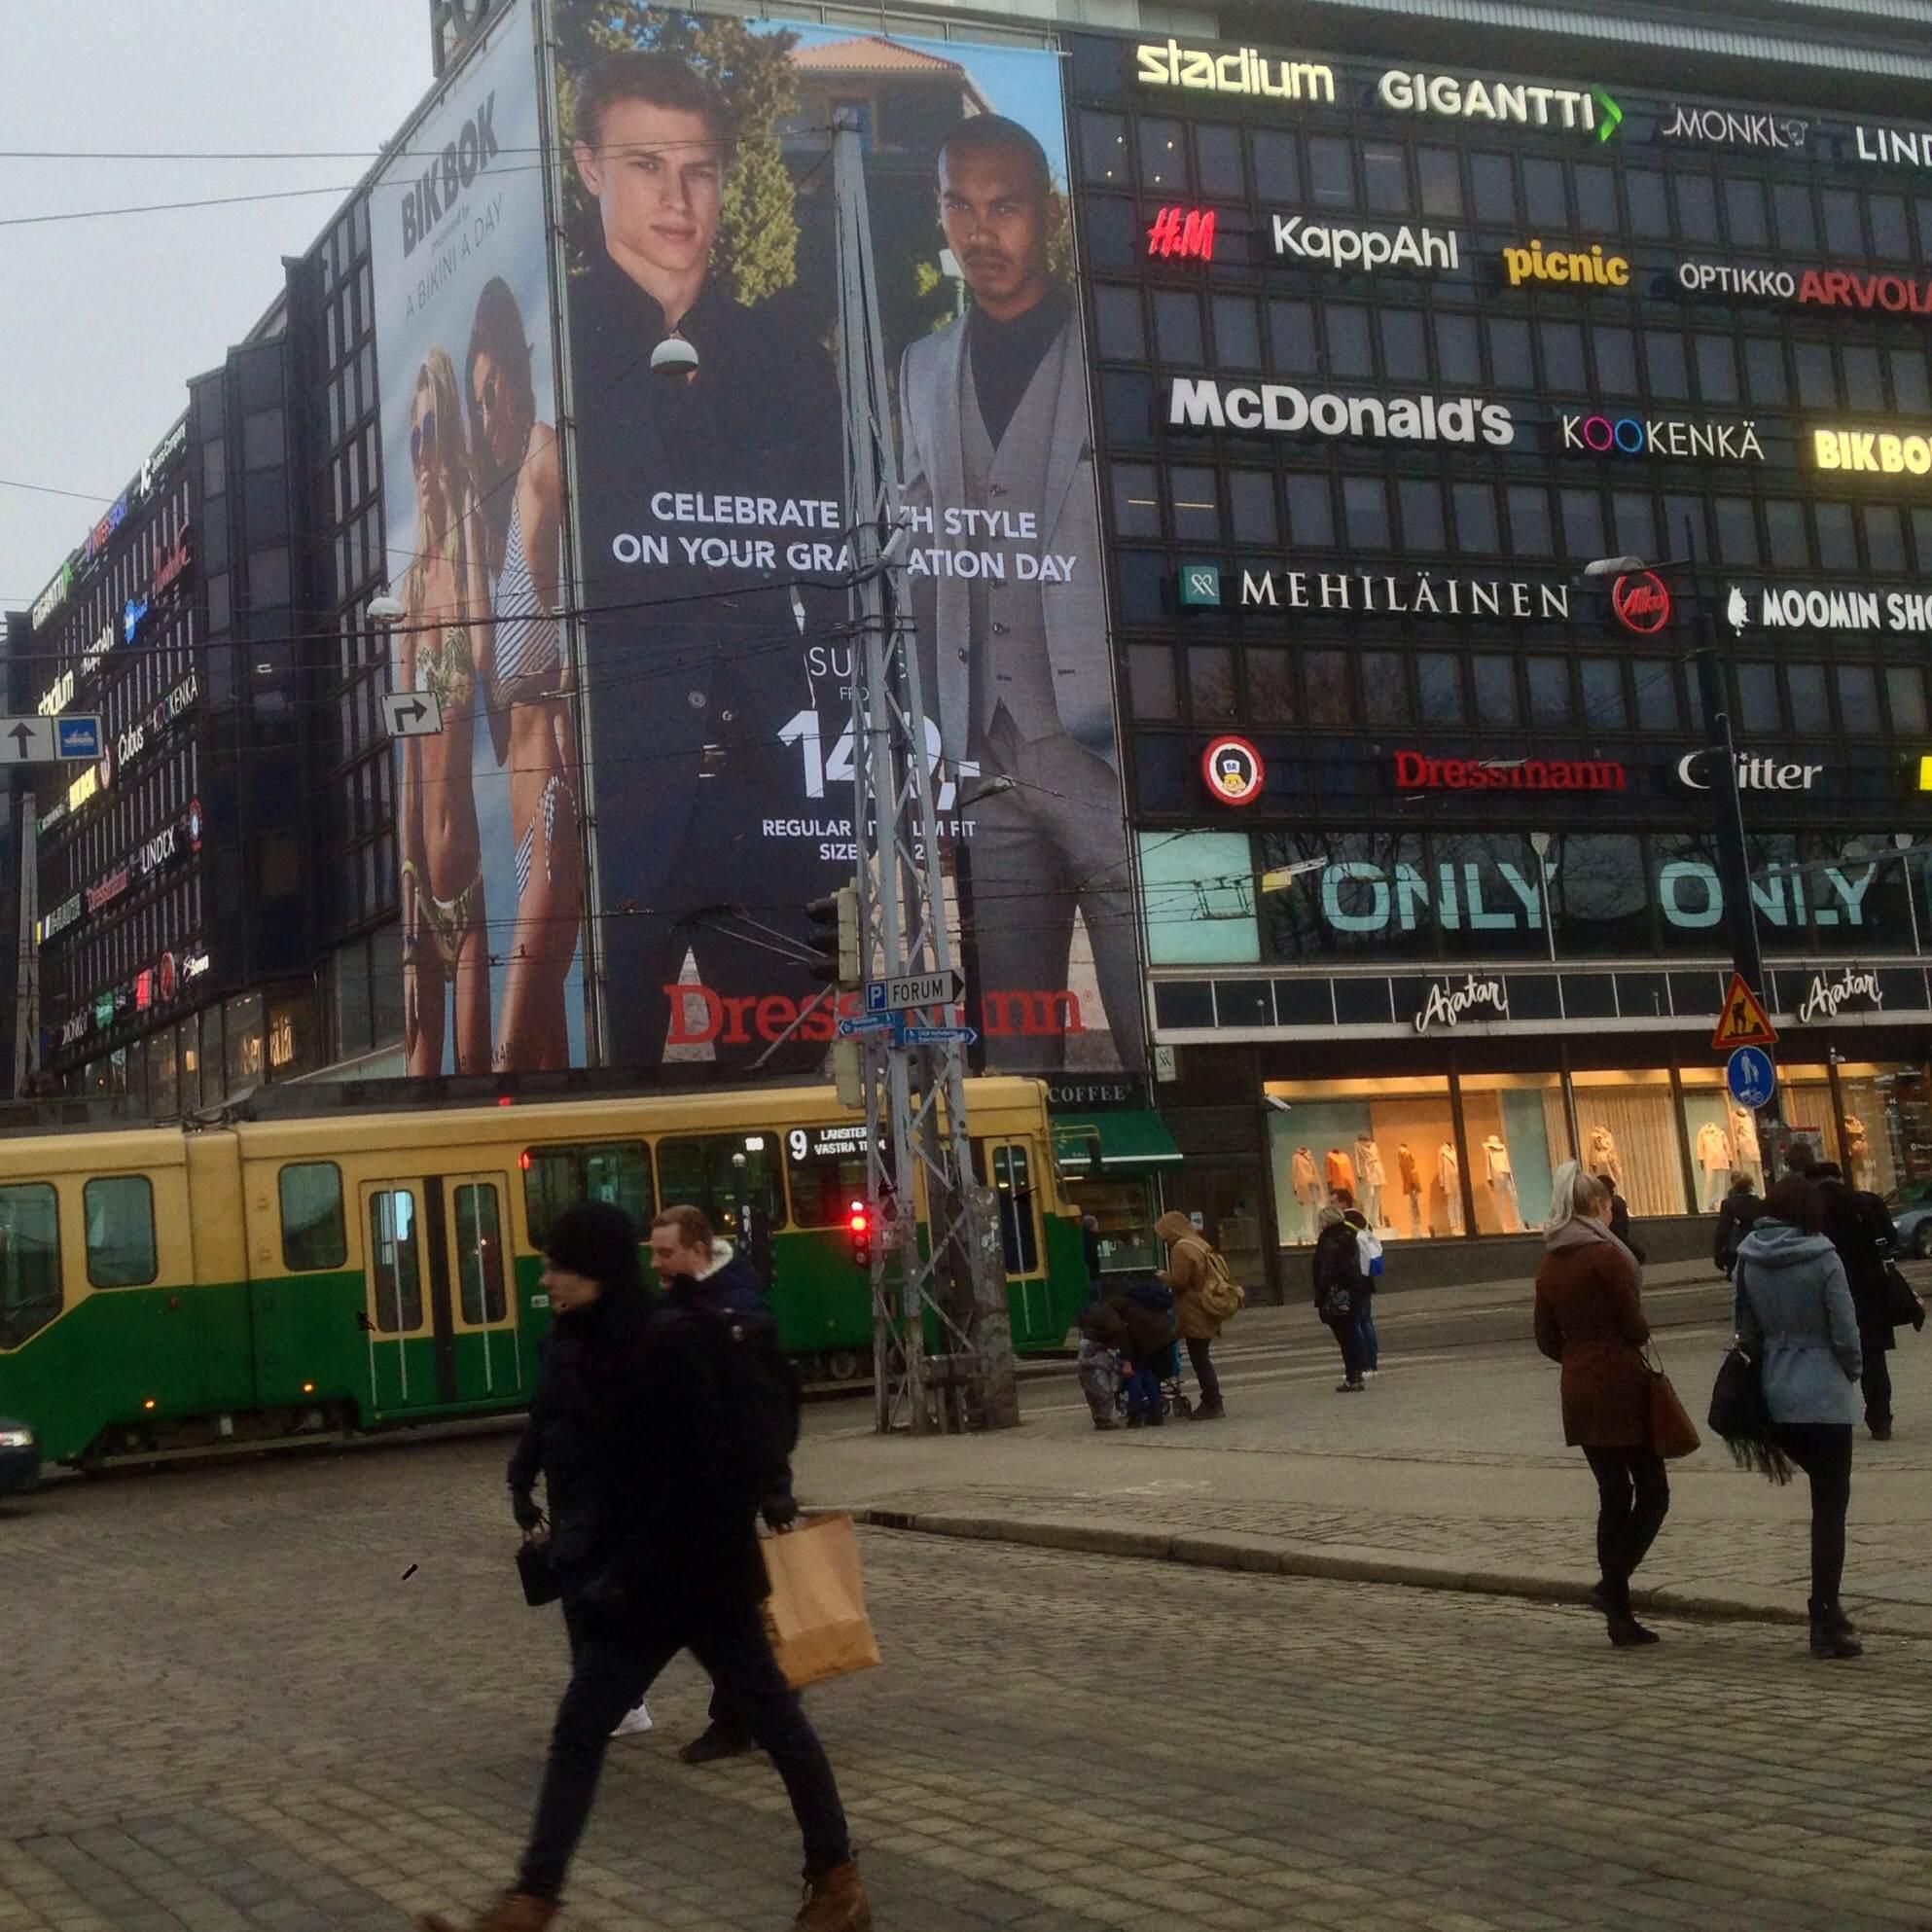 Seksismi elää ja voi hyvin mainoksissa. Vaikka mainossaasteen lisääntyminen on ongelma, näkisin vielä suurempana ongelmana mainosten sisällön.